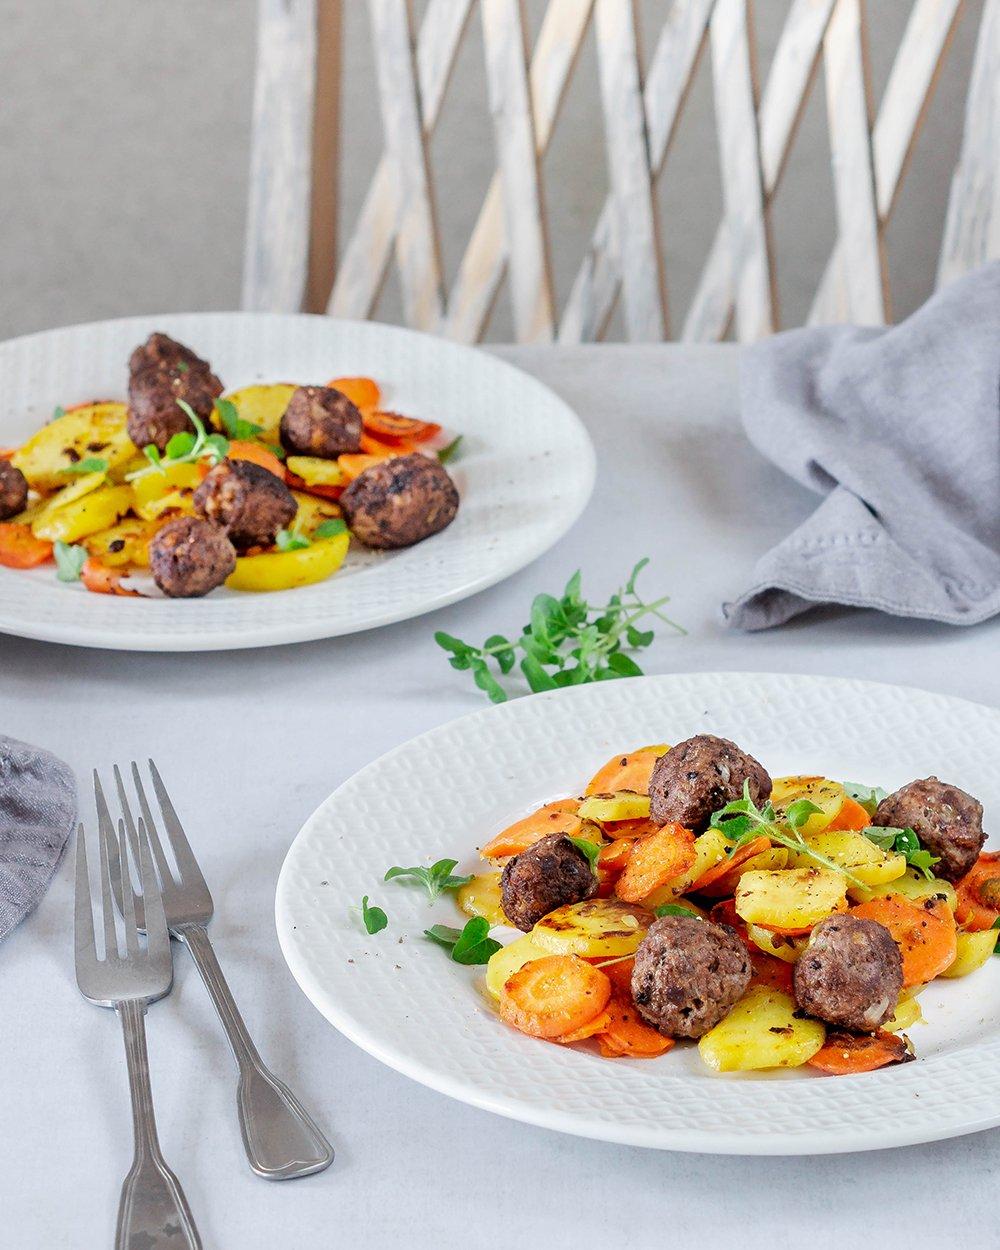 Kartoffel-Karotten-Pfanne mit Salsa – Hackbällchen